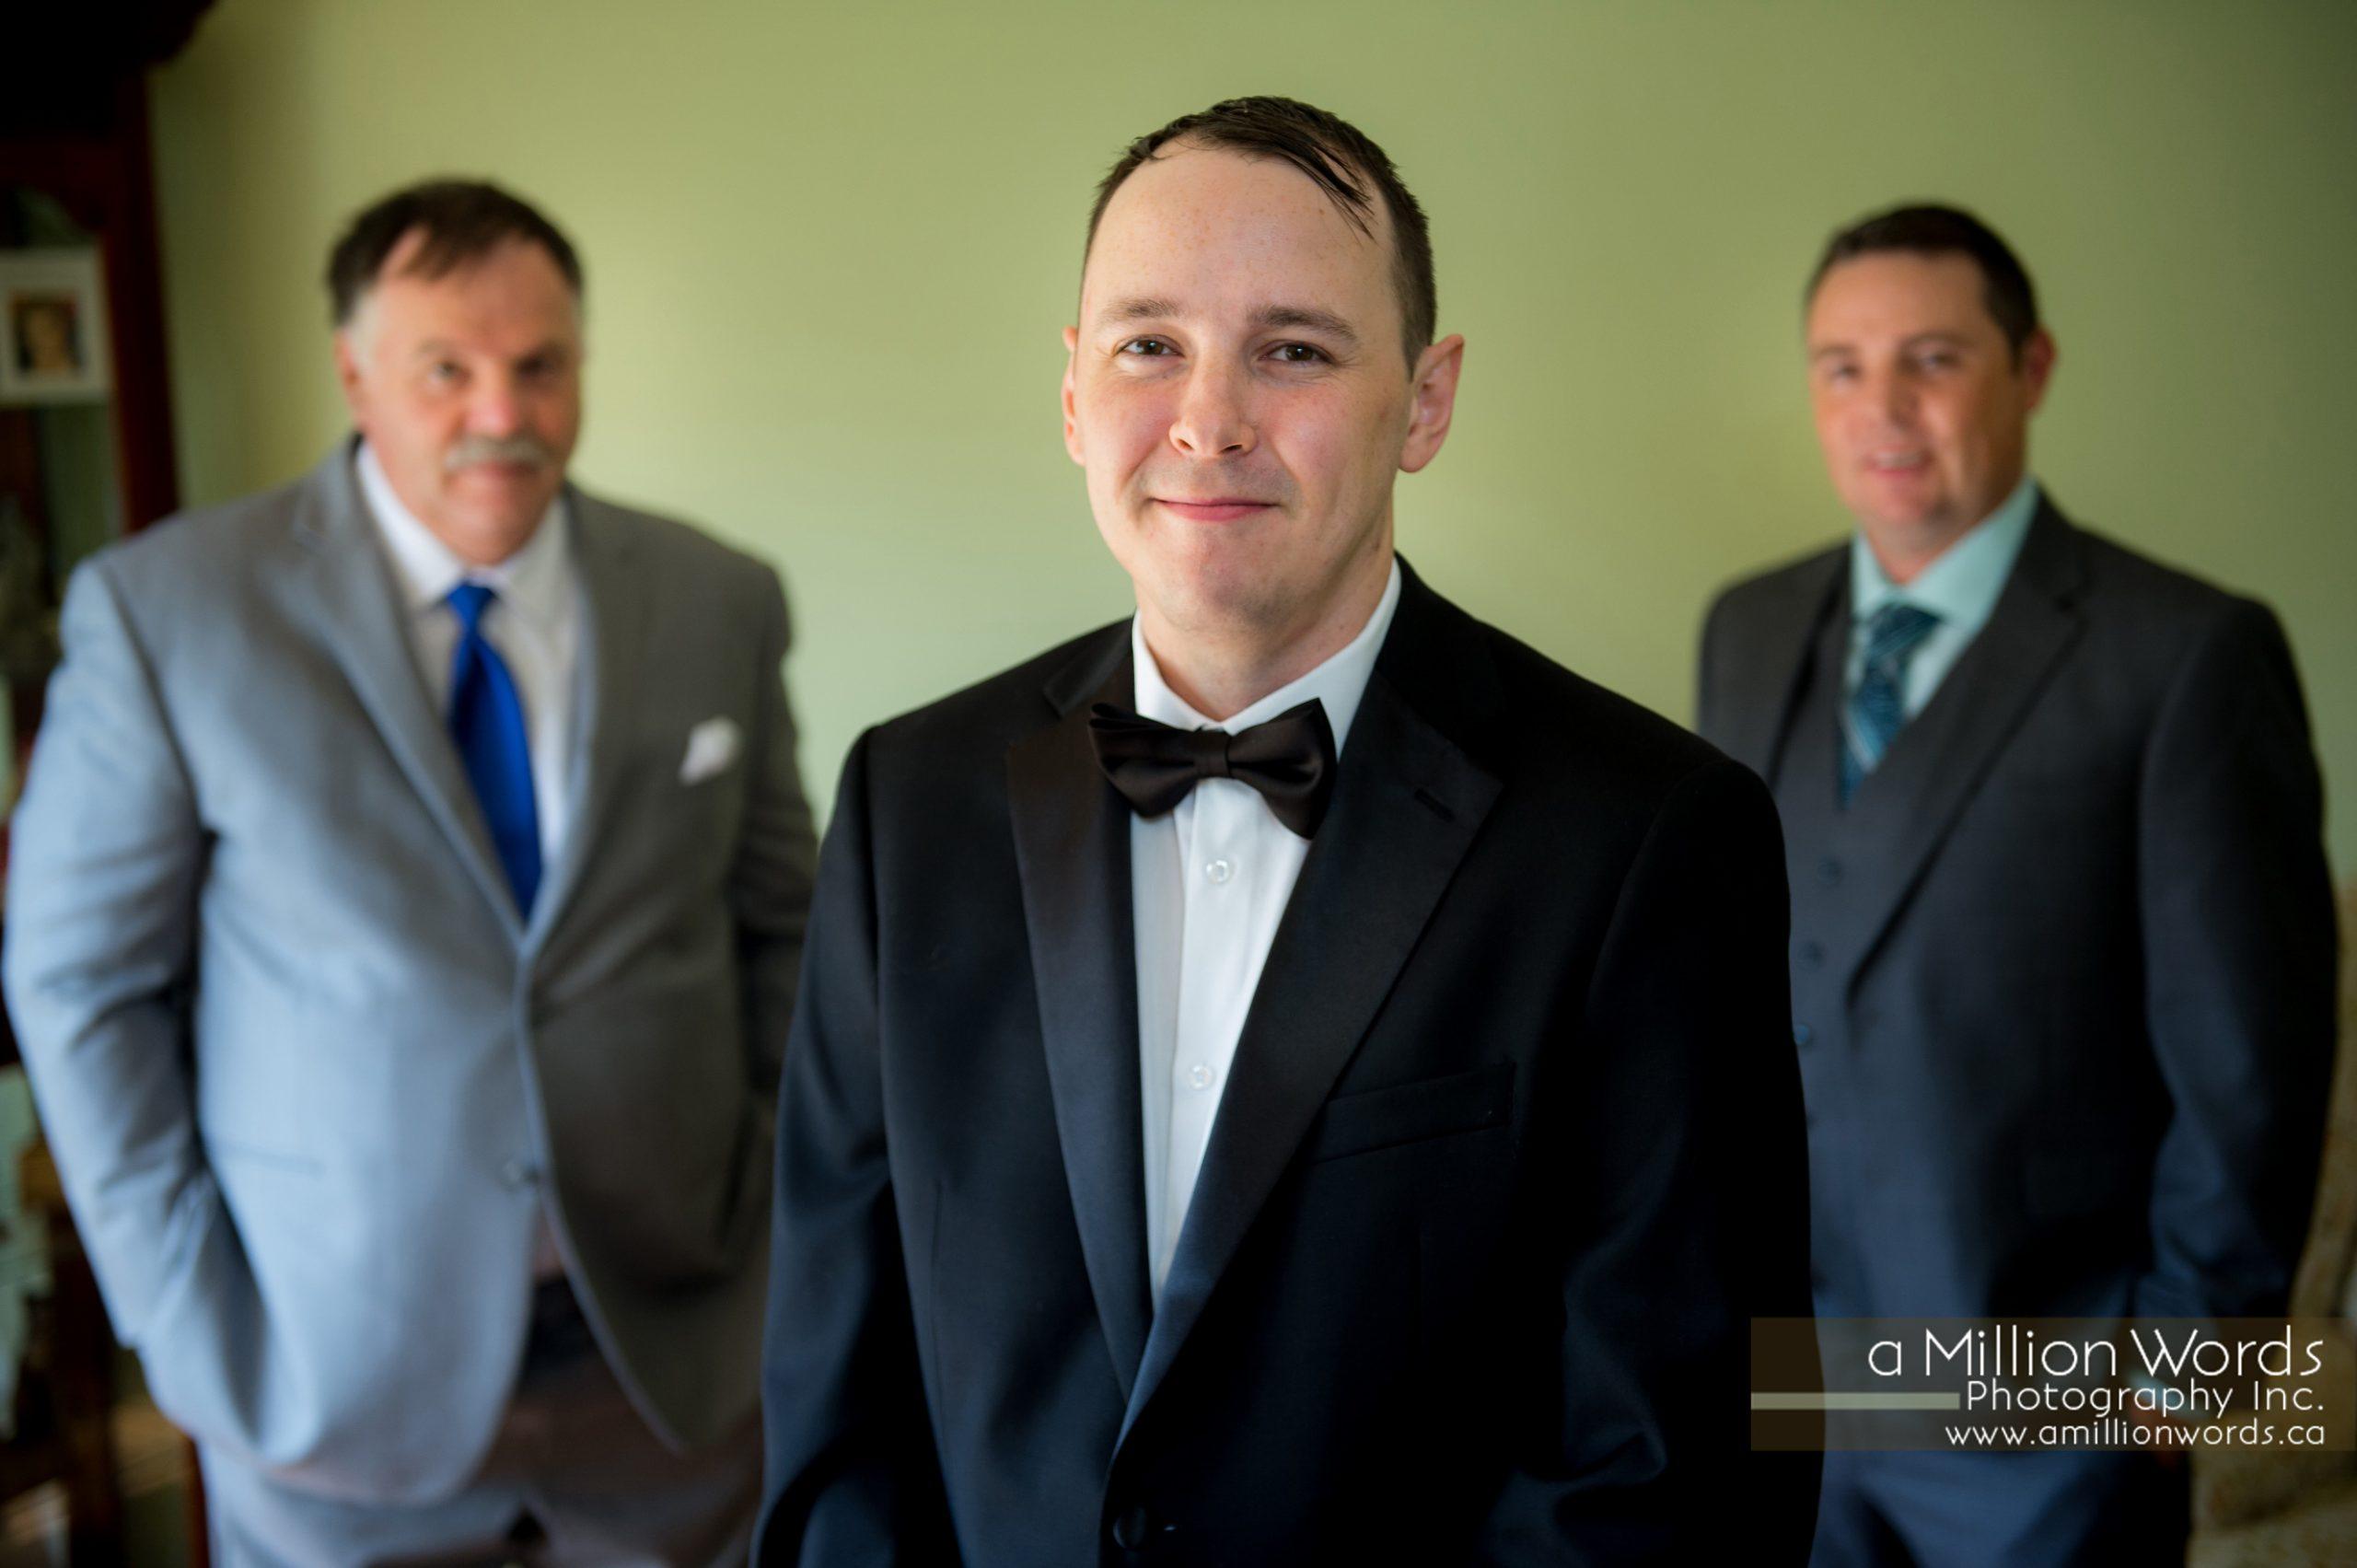 wedding_photography_kw05